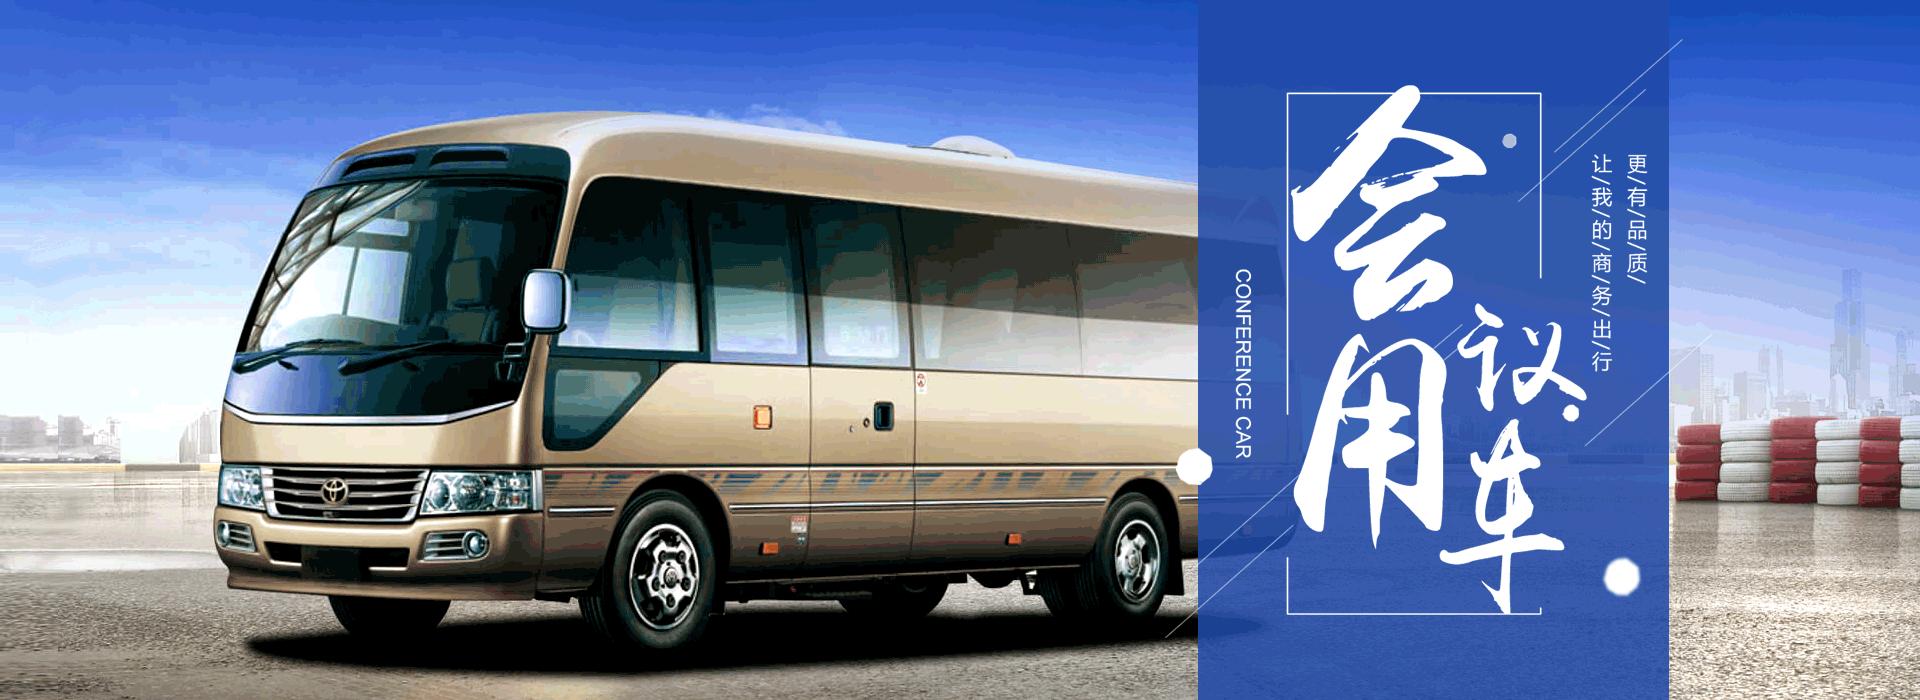 太原大觉租车常年提供租车价格,车型丰富,商务车、轿车、越野车、大巴车等